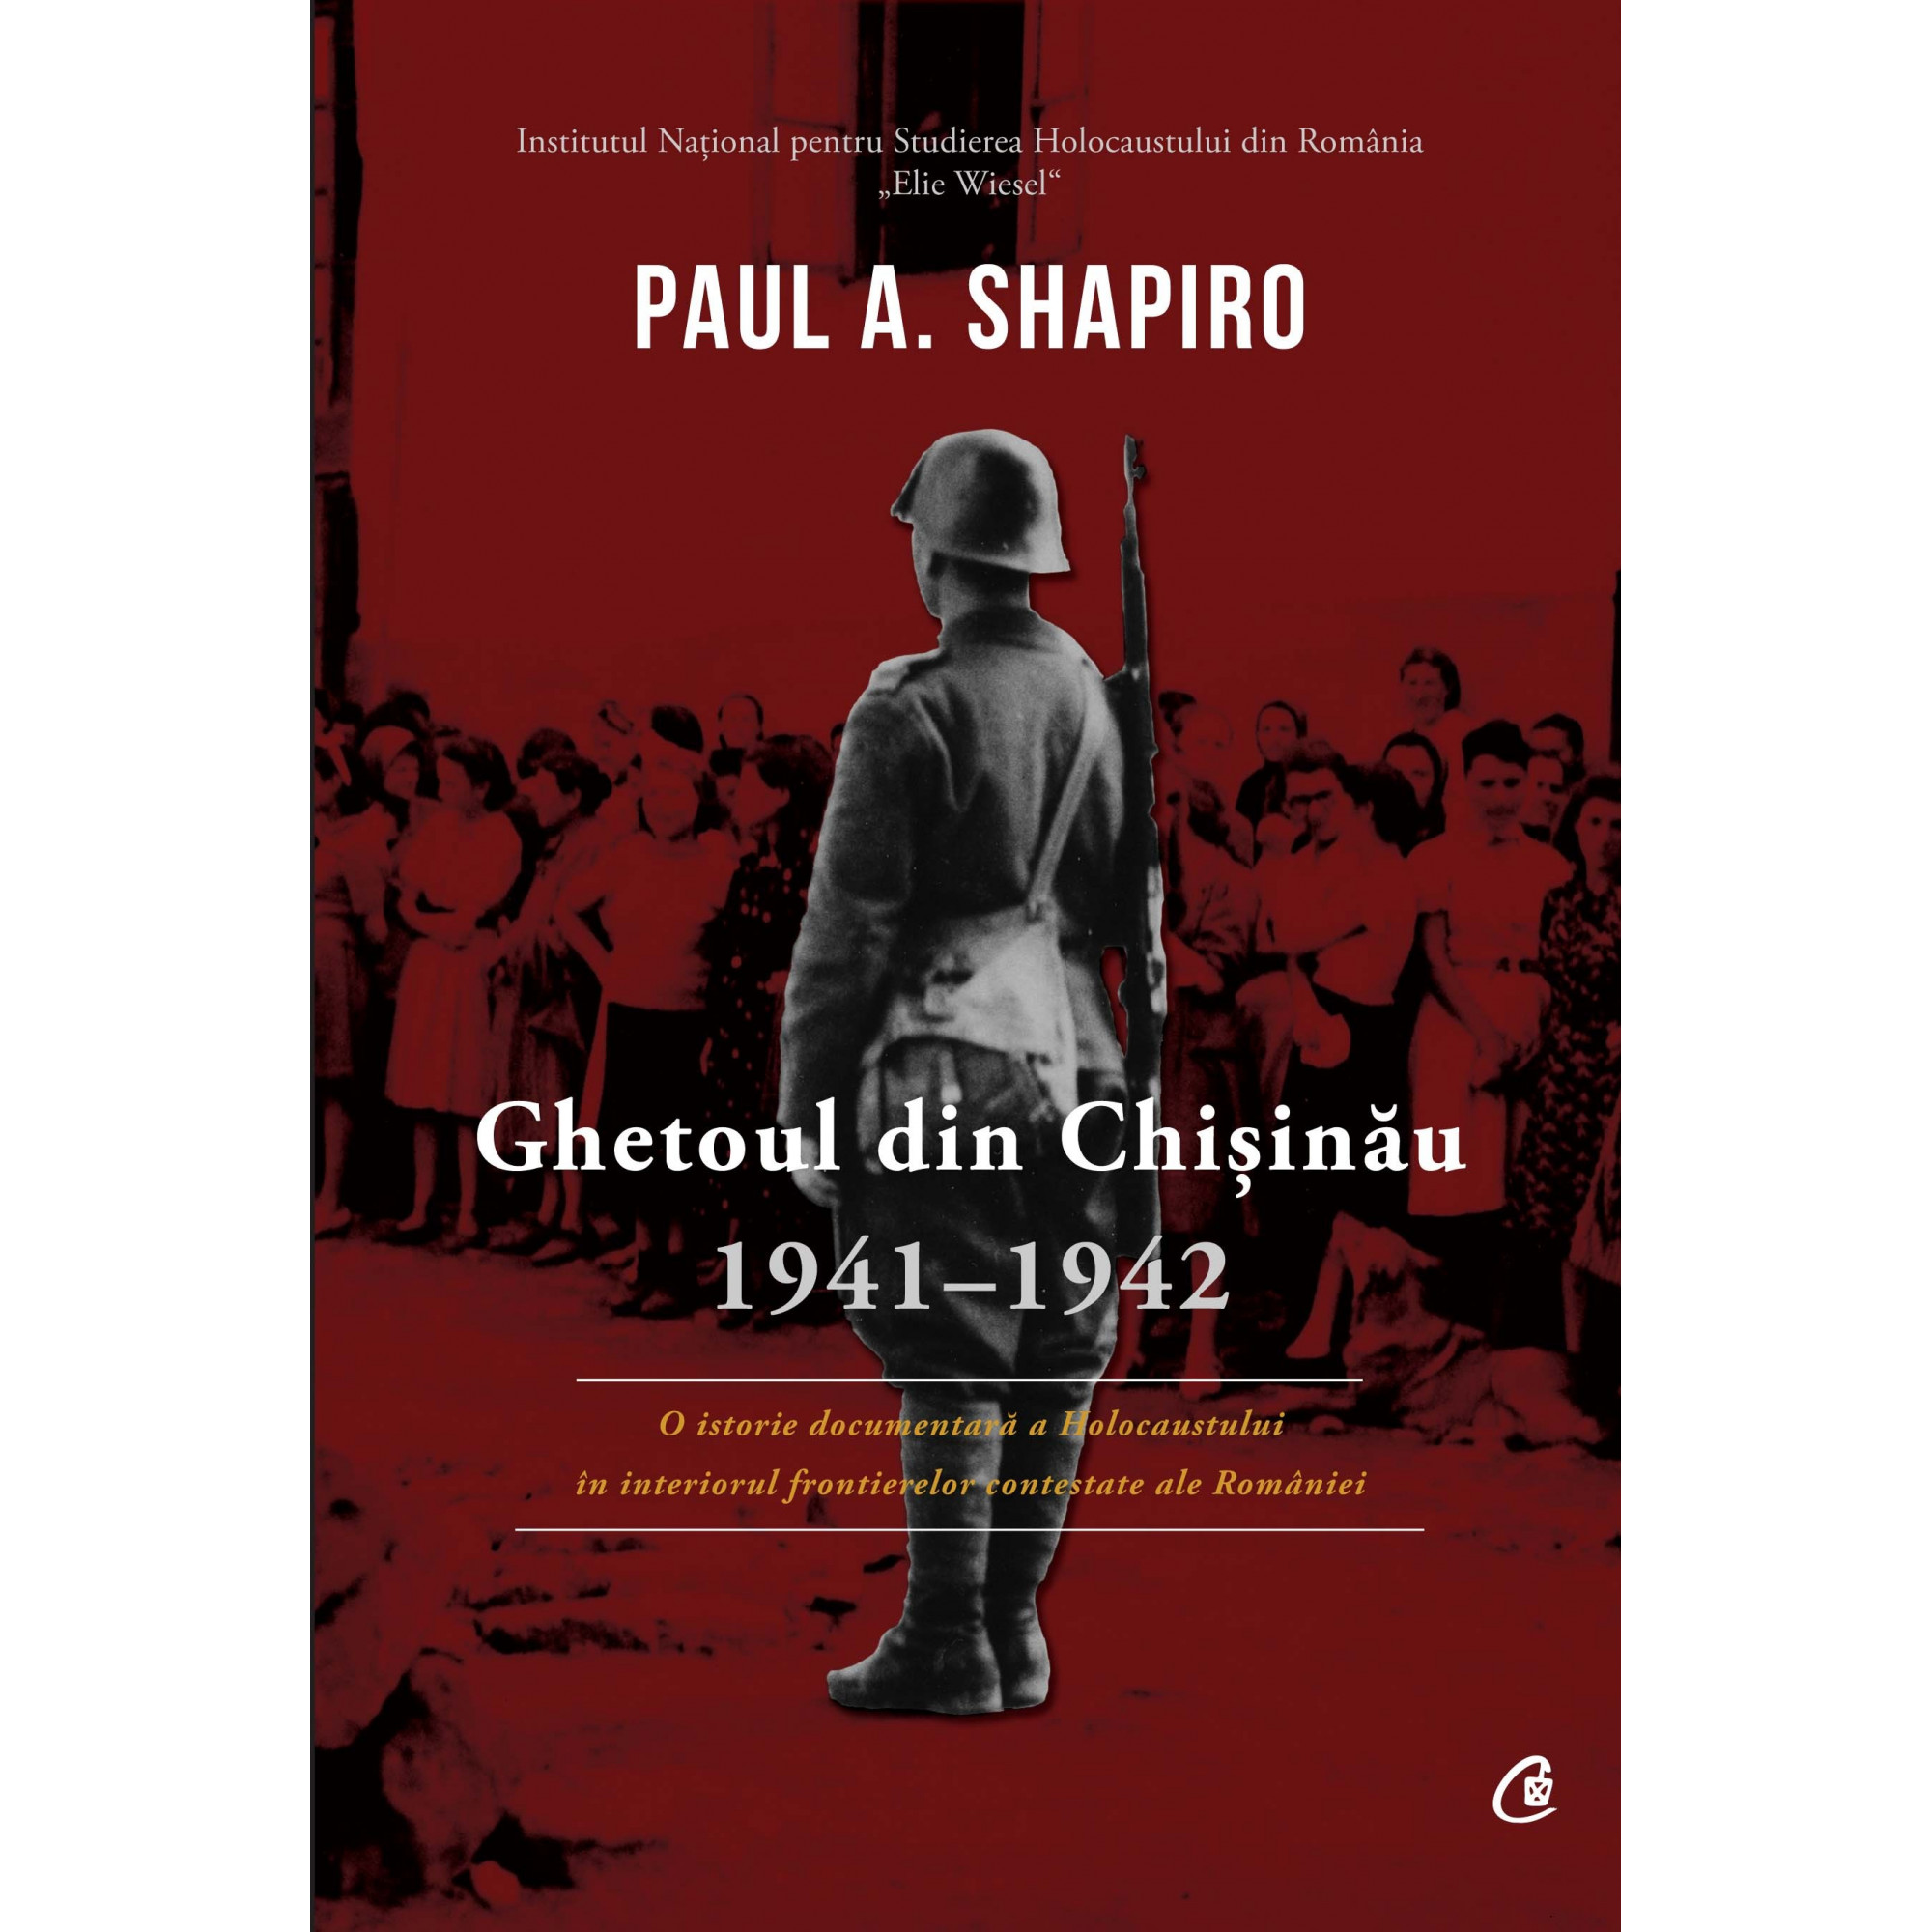 Ghetoul din Chișinău, 1941-1942. O istorie documentară a Holocaustului în interiorul frontierelor contestate ale României; Paul A. Shapiro